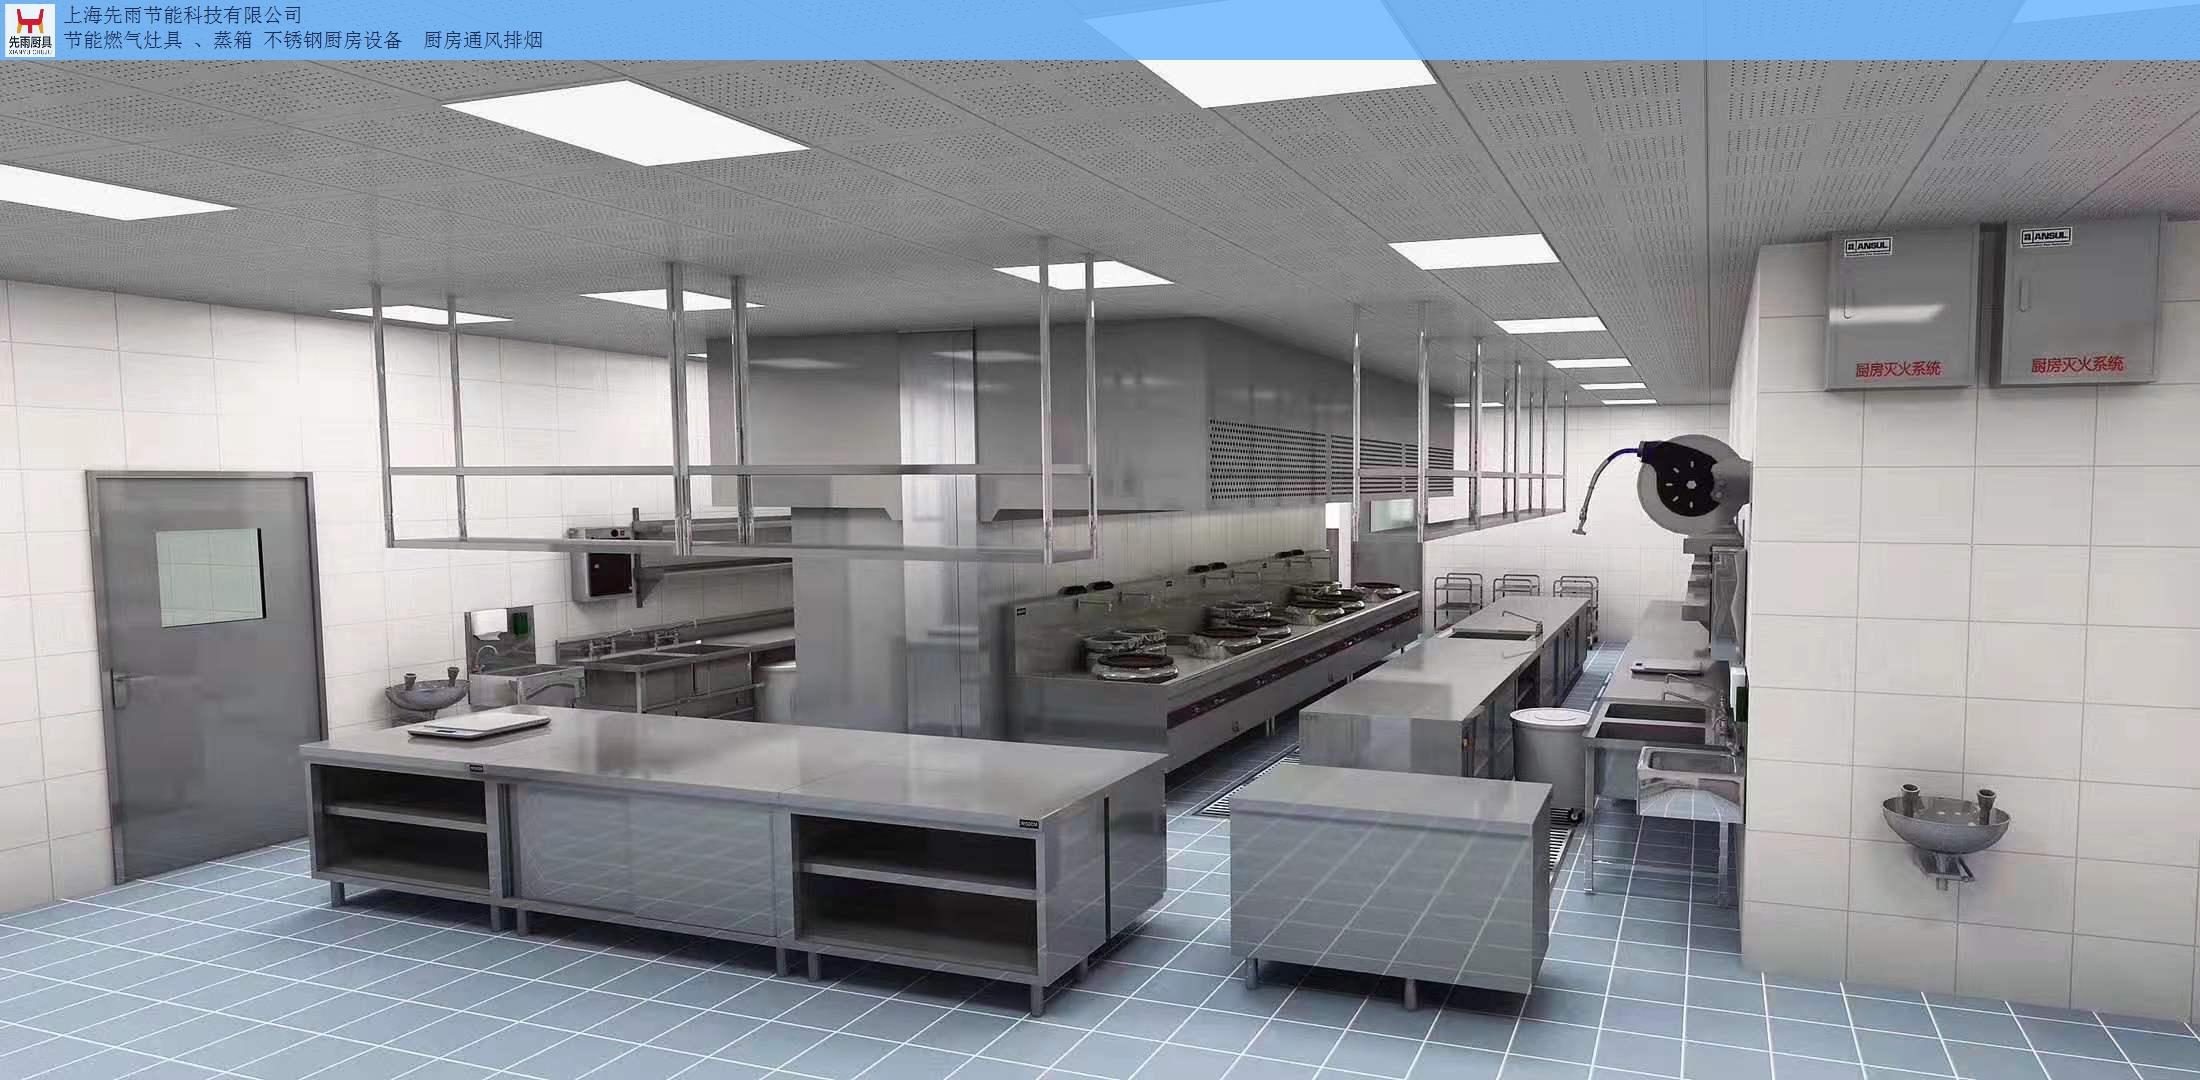 江蘇火鍋店廚房改造的用途和特點 上海先雨廚具廚房工程供應